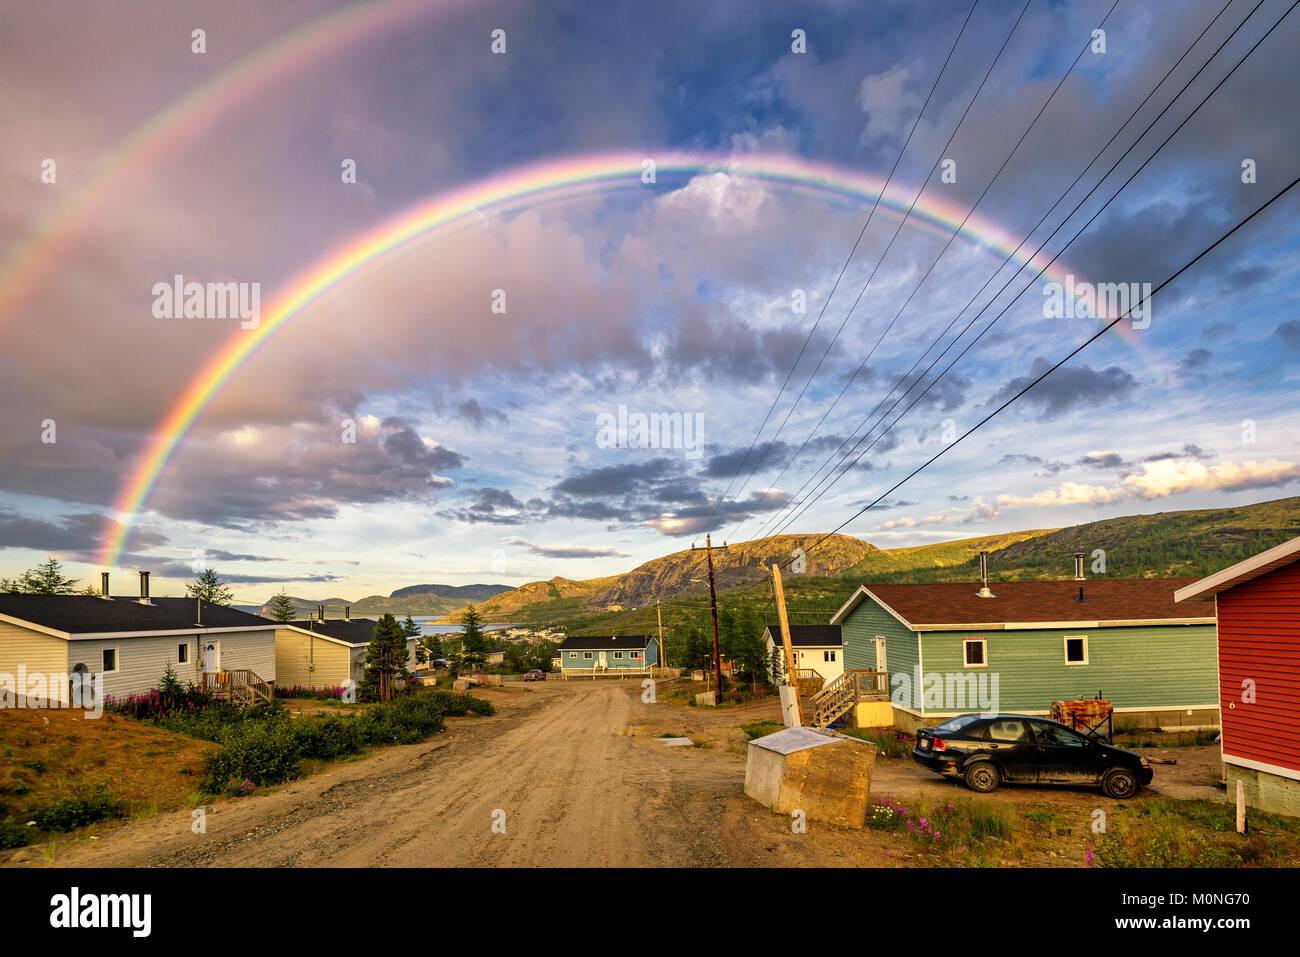 Nain Labrador Stock Photos & Nain Labrador Stock Images